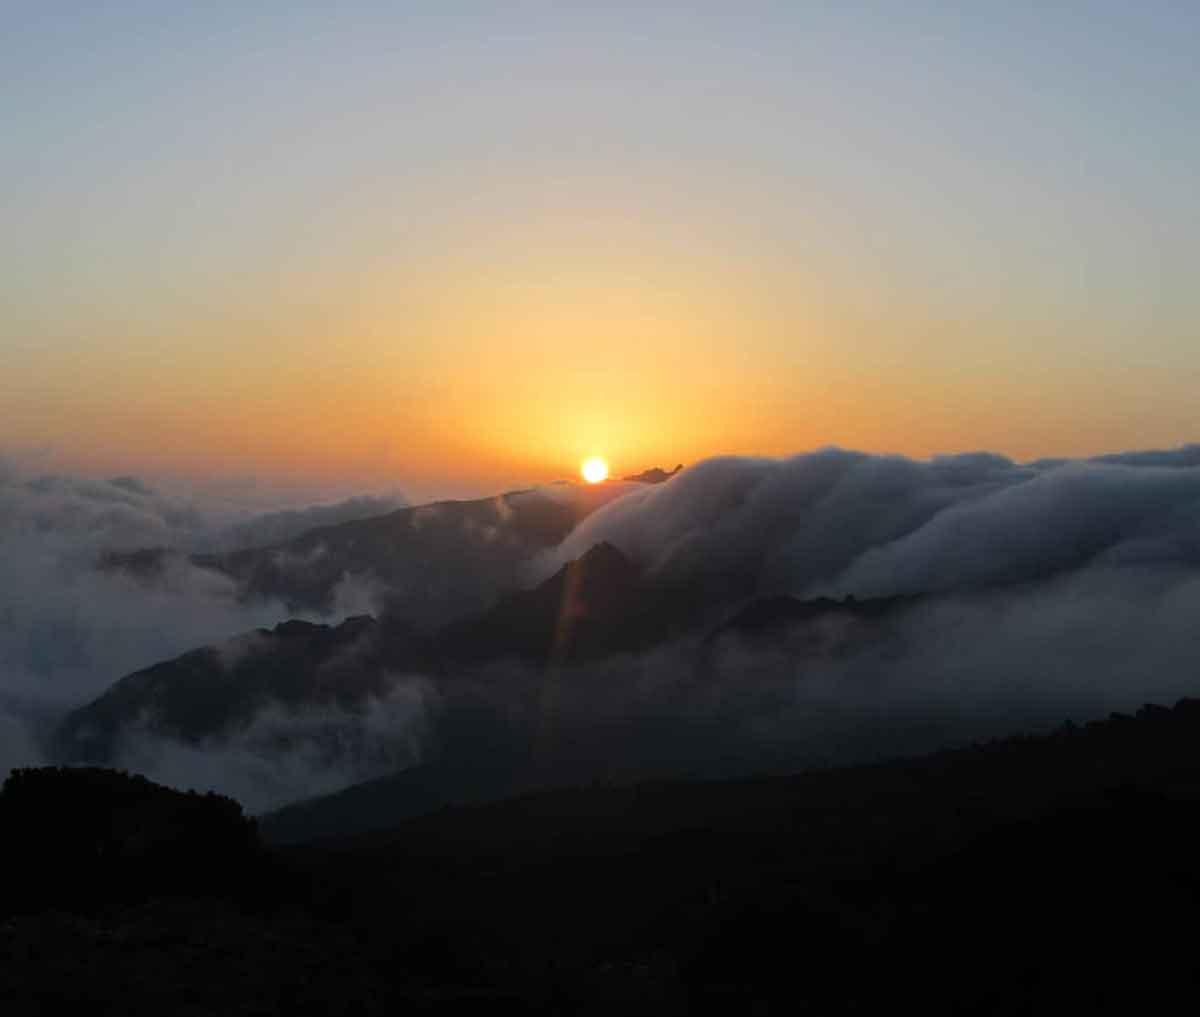 Sunset at Kilimanjaro